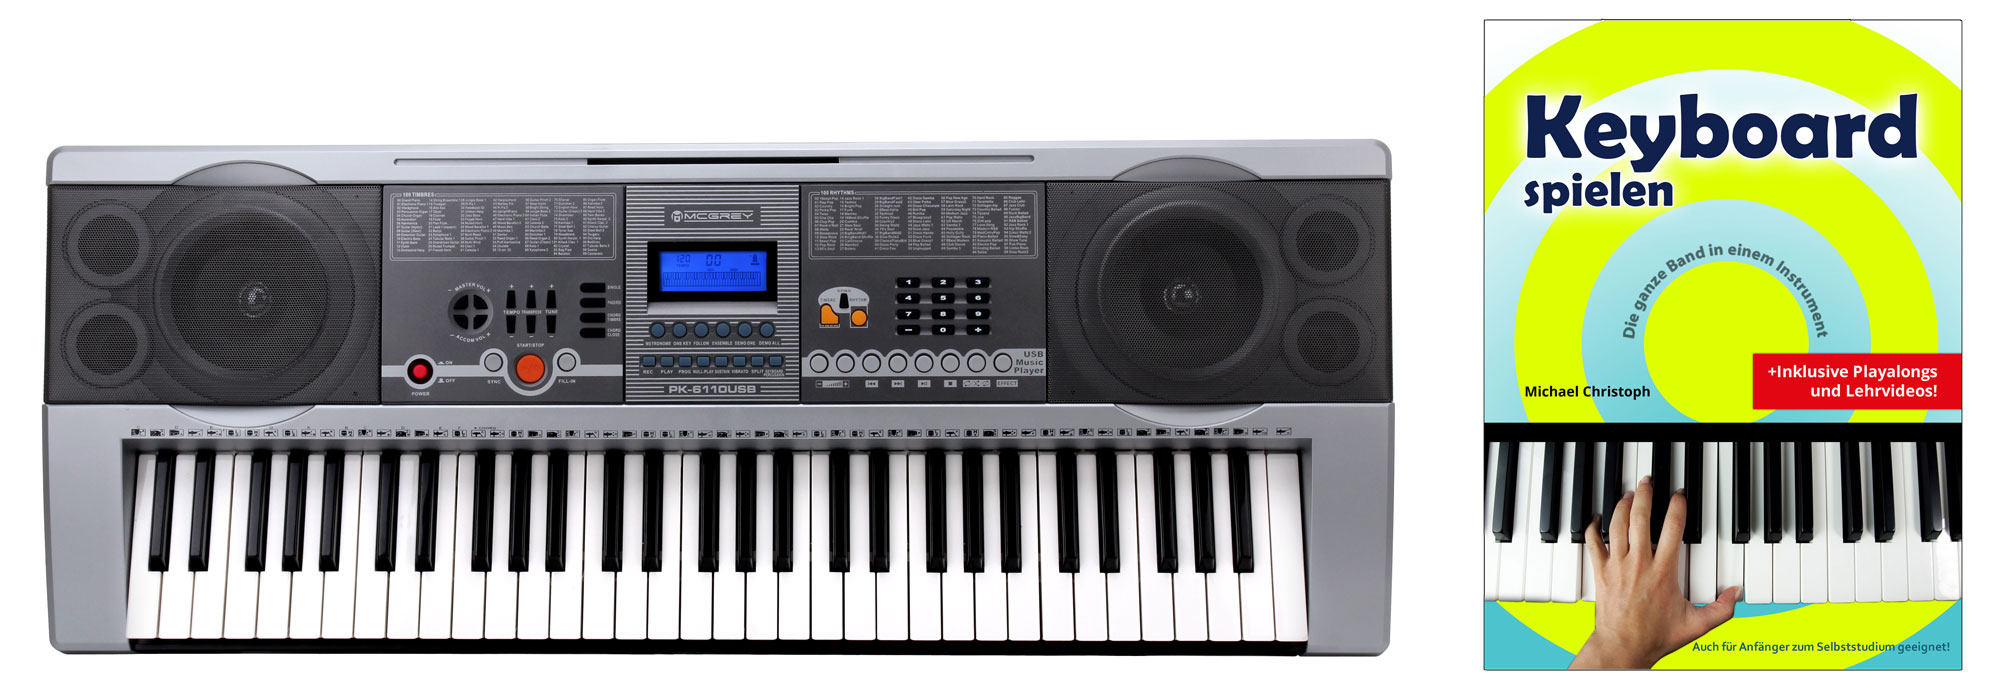 Homekeyboards - McGrey PK 6110USB Keyboard Set mit 61 Tasten, Keyboardschule, USB MP3 Player und Notenhalter - Onlineshop Musikhaus Kirstein